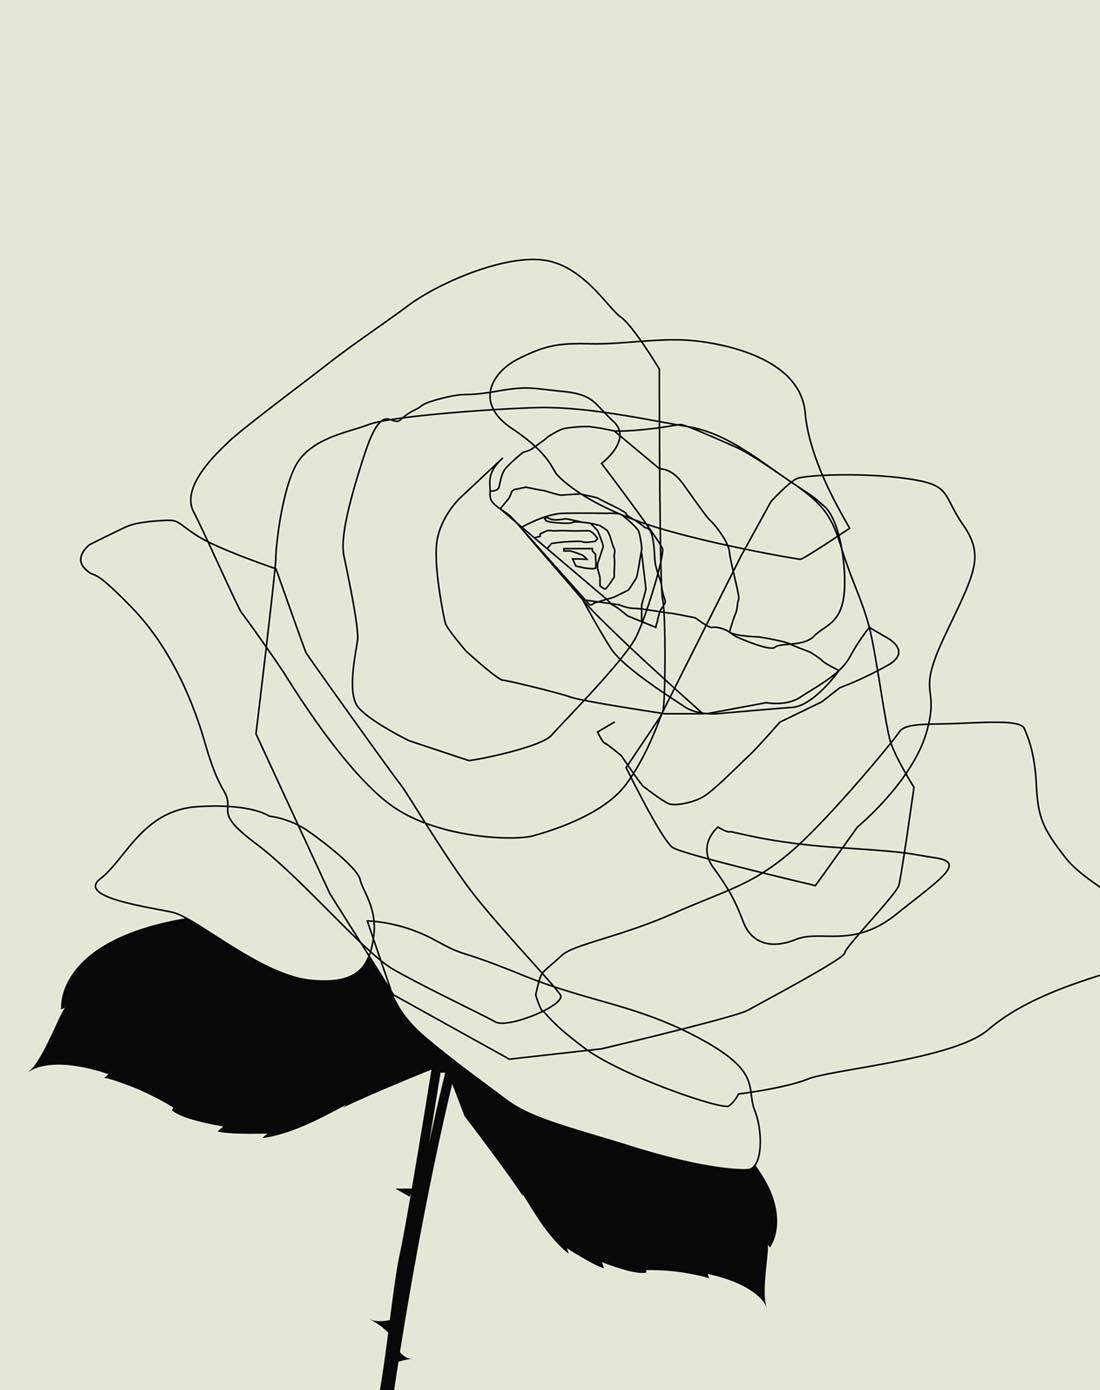 黑玫瑰手绘手机壁纸